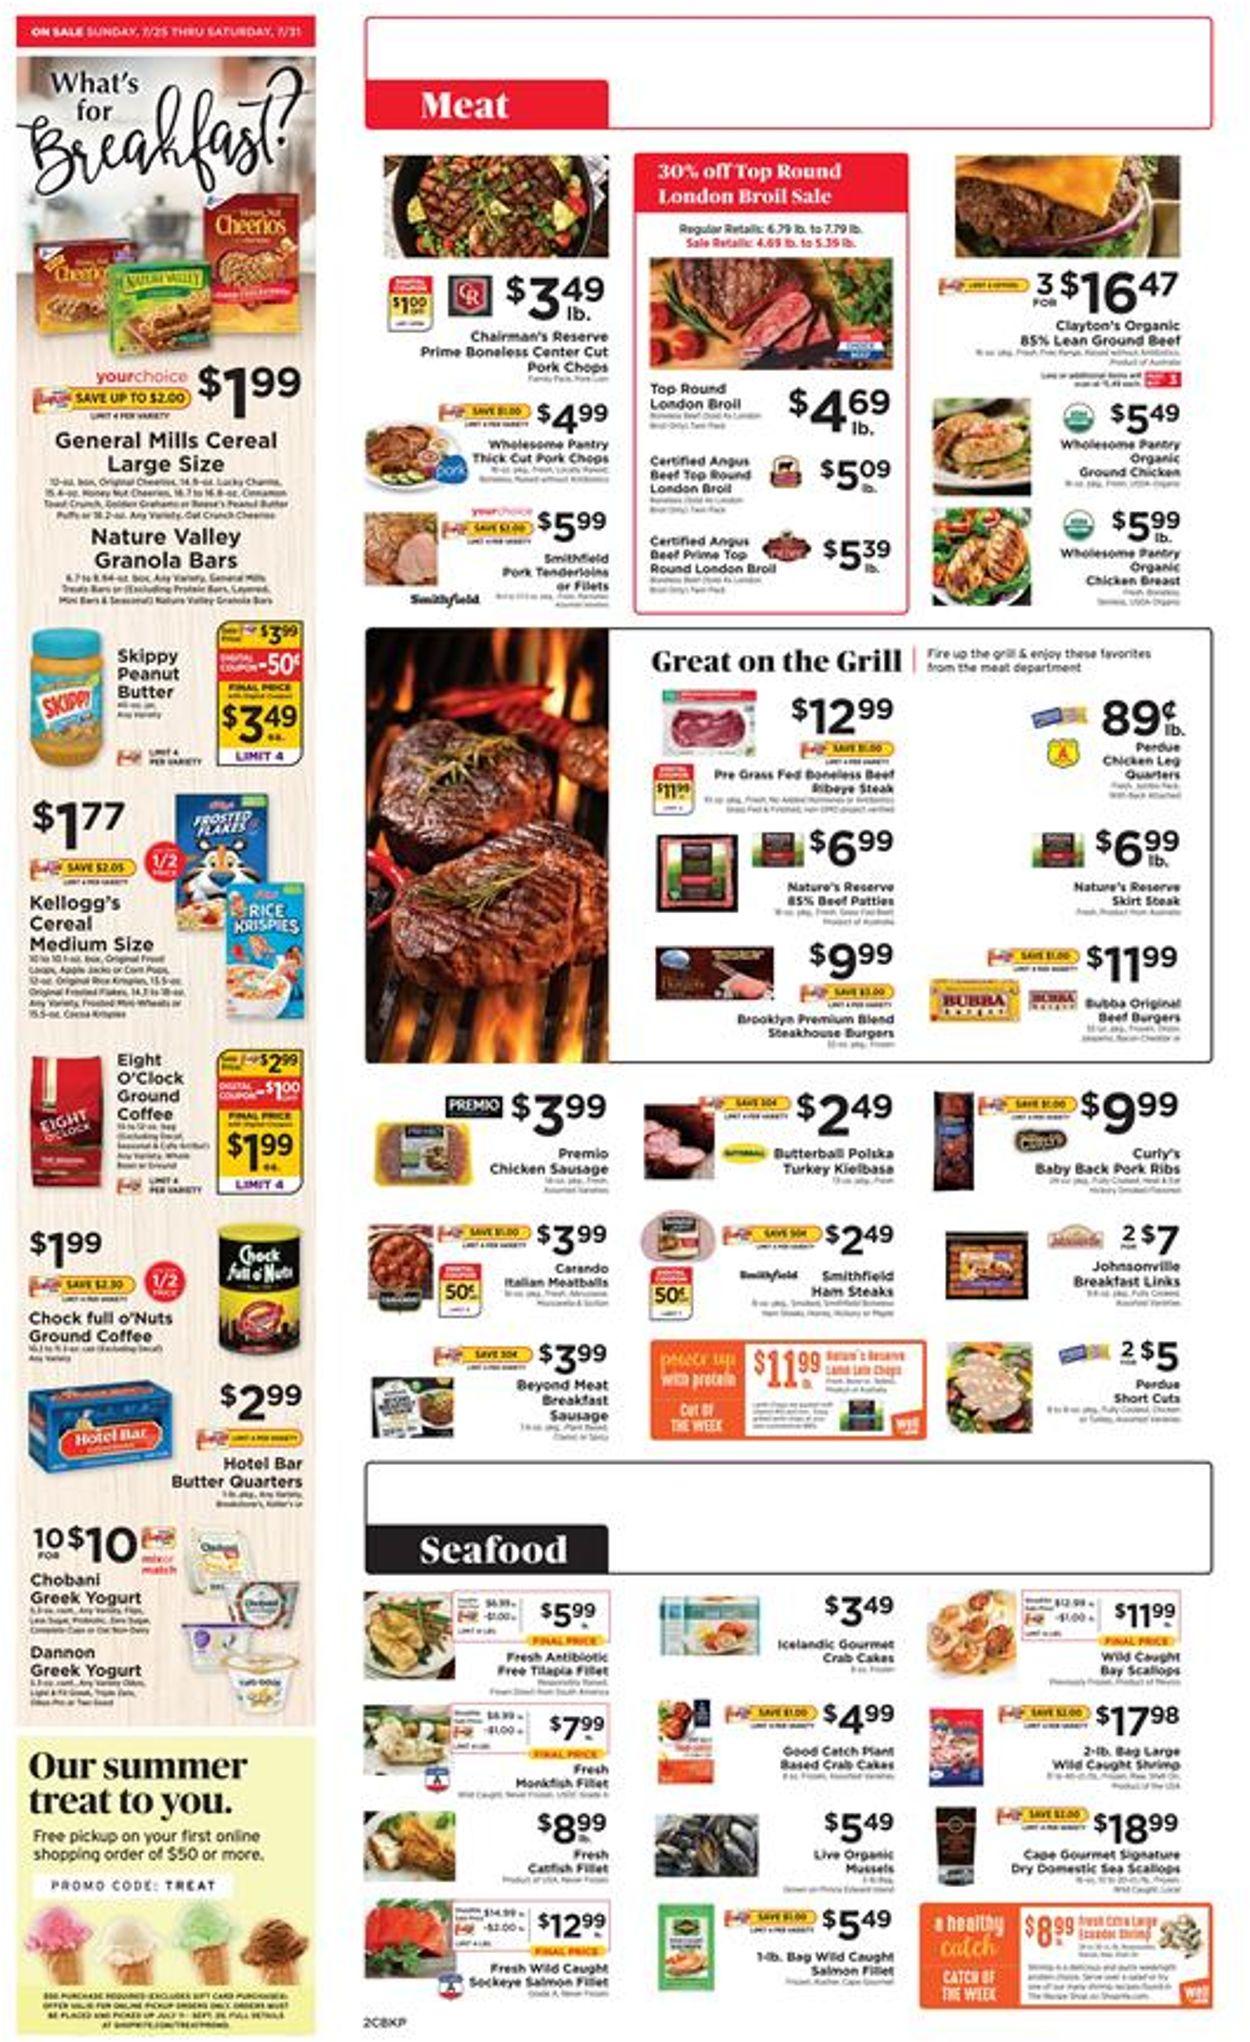 ShopRite Weekly Ad Circular - valid 07/25-07/31/2021 (Page 2)